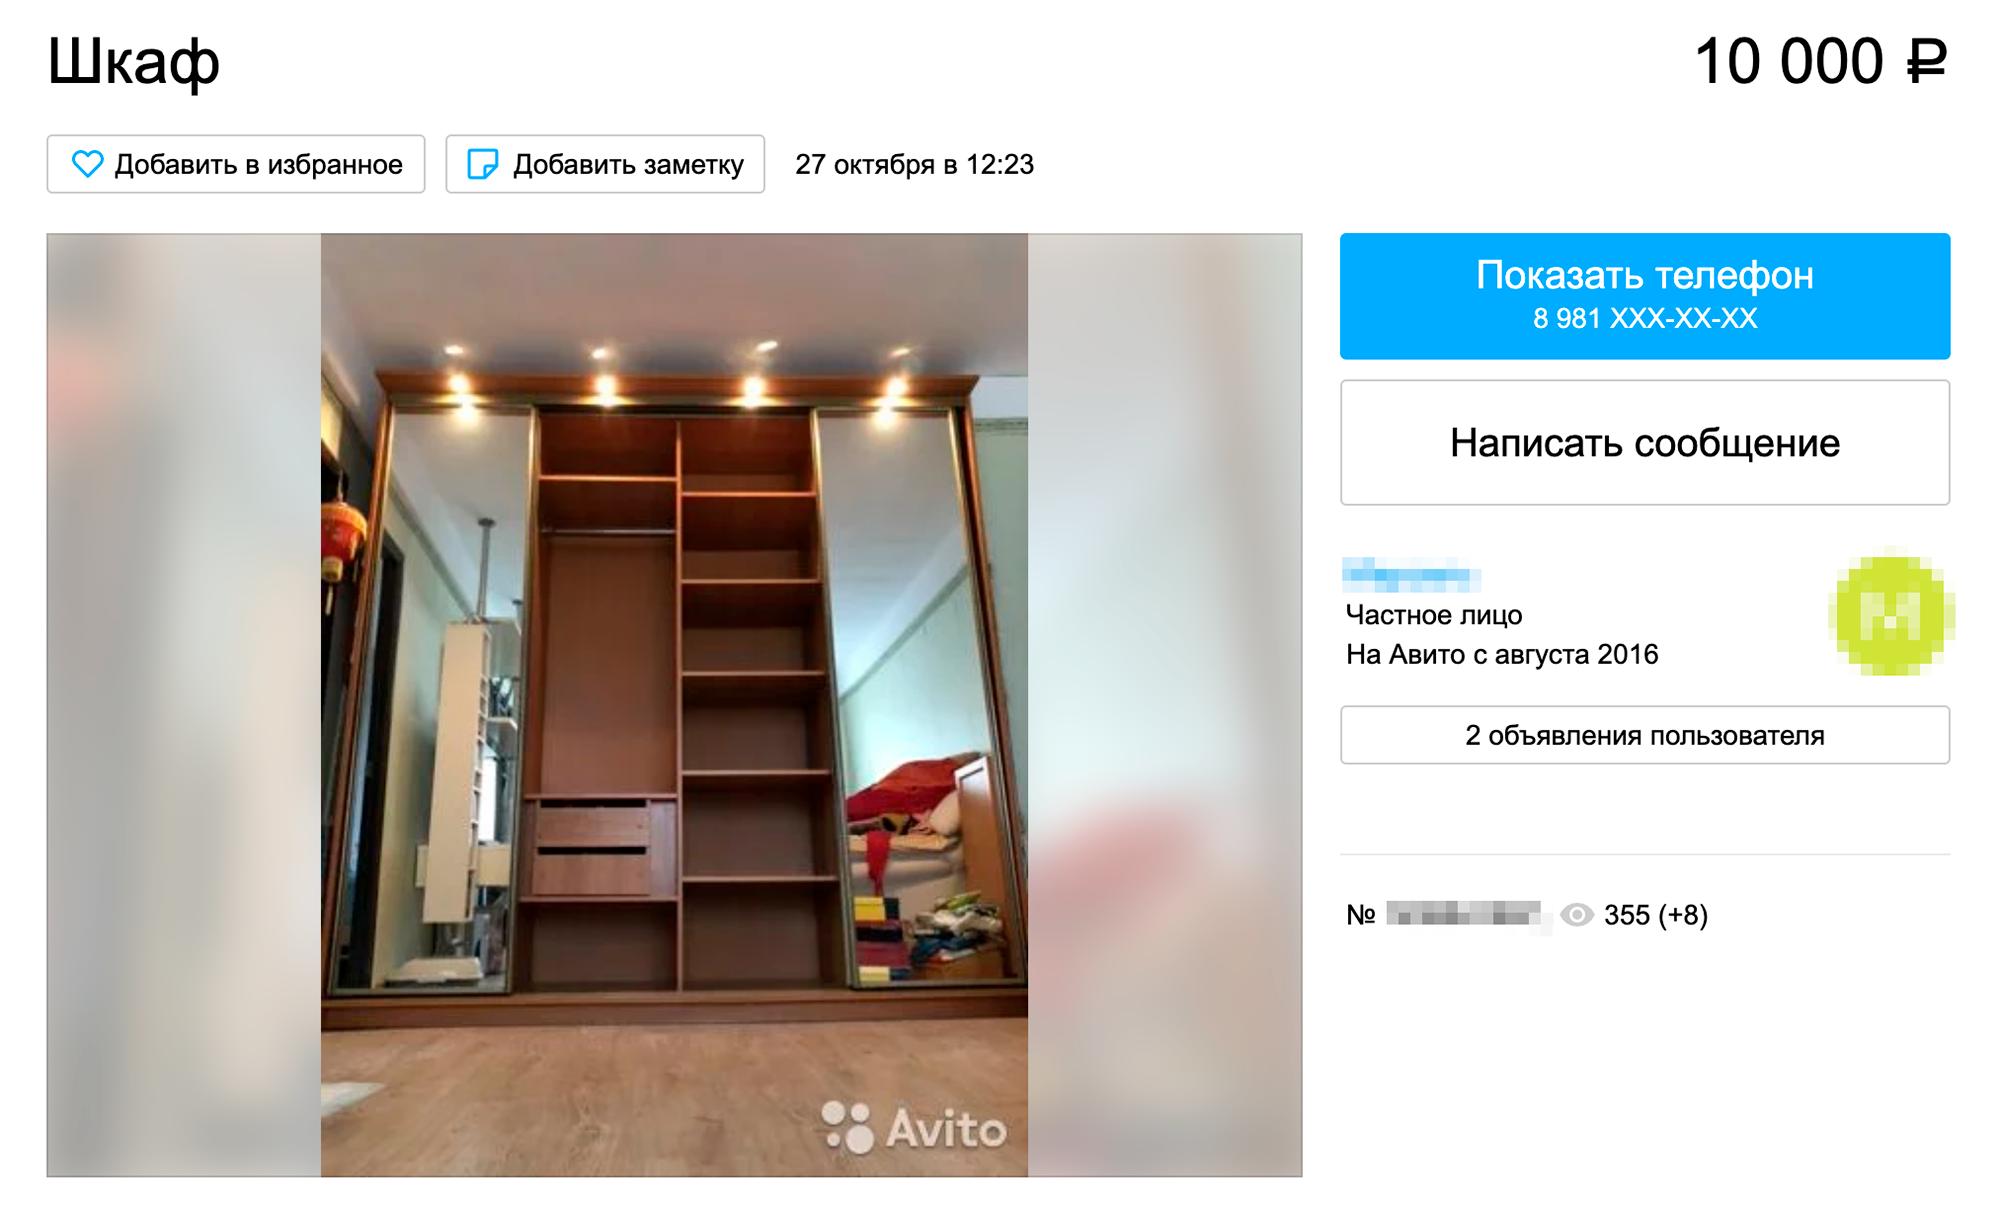 Шкафы в хорошем состоянии продают за 10 тысяч, но придется самостоятельно их разбирать и перевозить